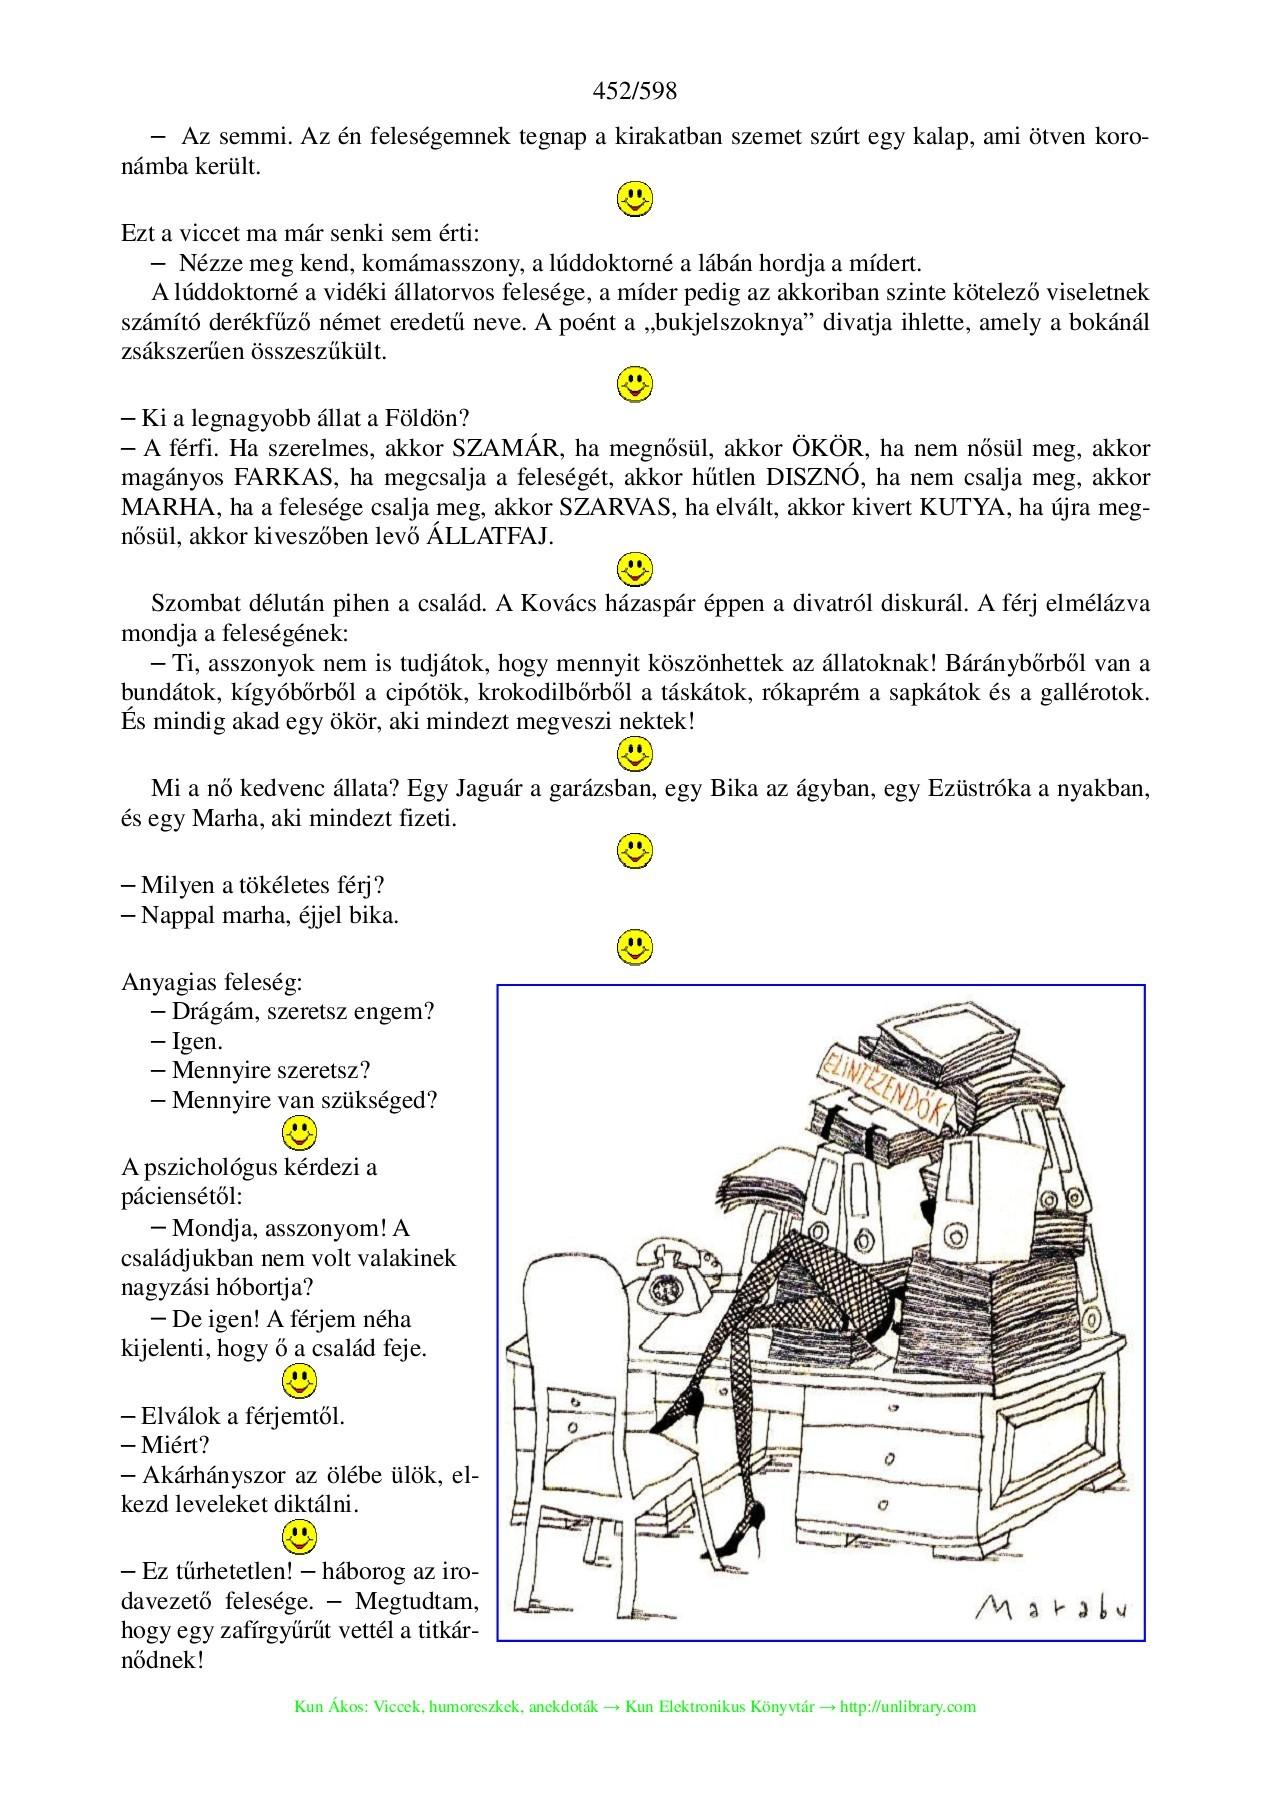 szerelmes idézetek fiútól lánynak Kun Akos Humoreszkek Flip Book Pages 451 500 | PubHTML5